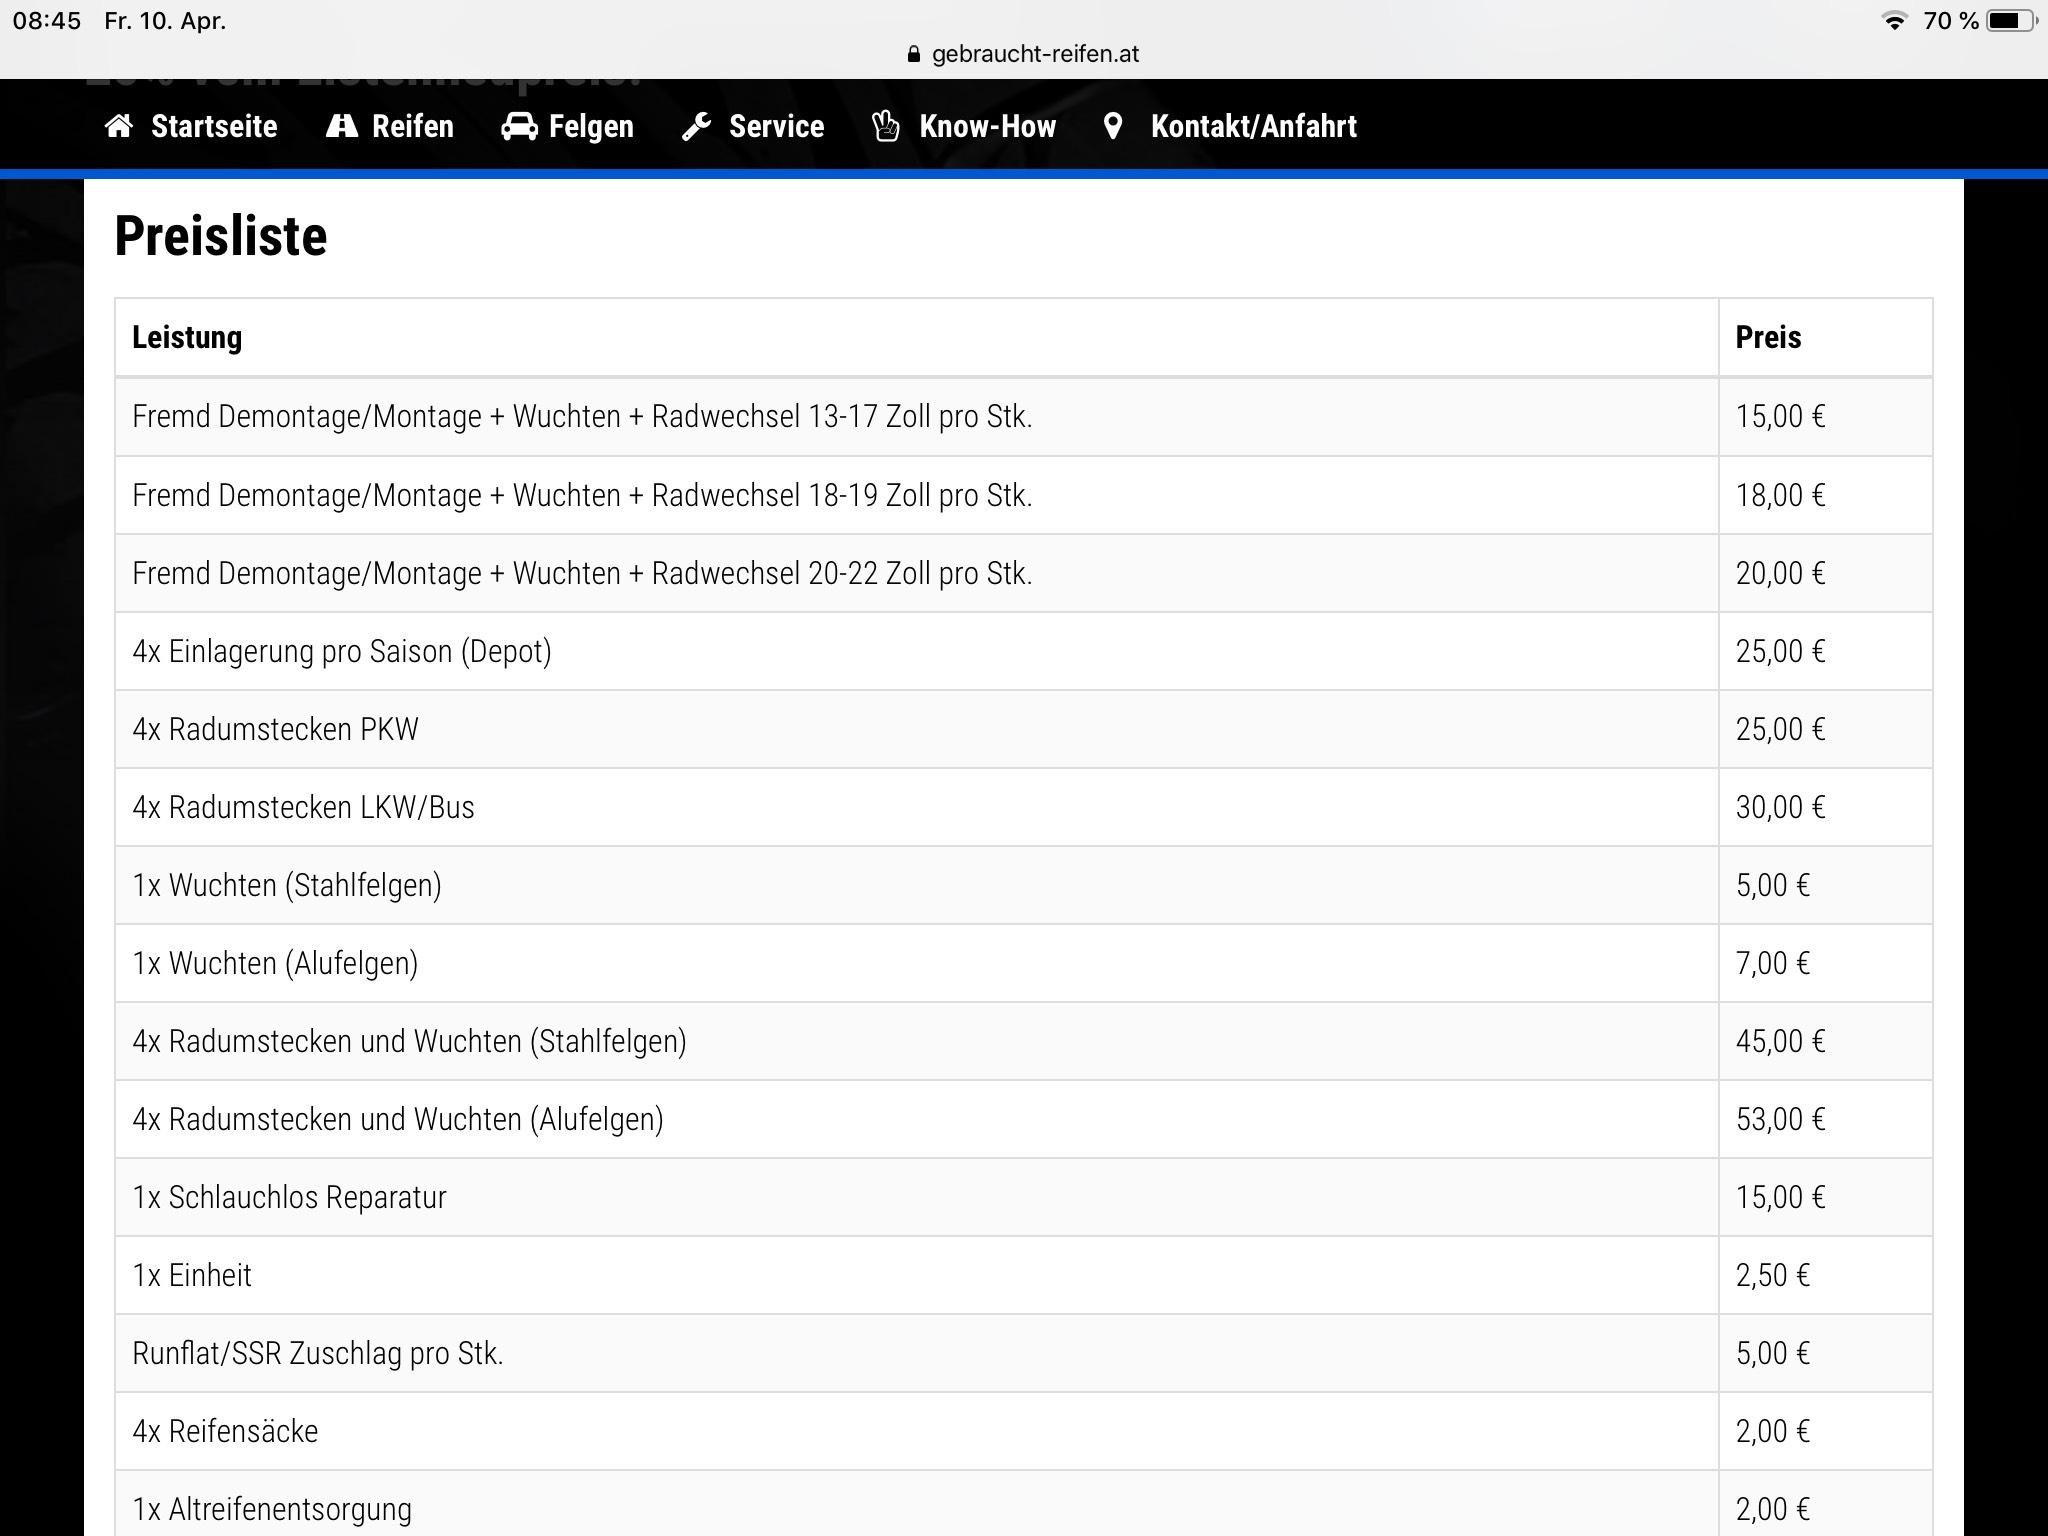 Reifen Zarfl Graz Online gekauft Reifen und Preisliste